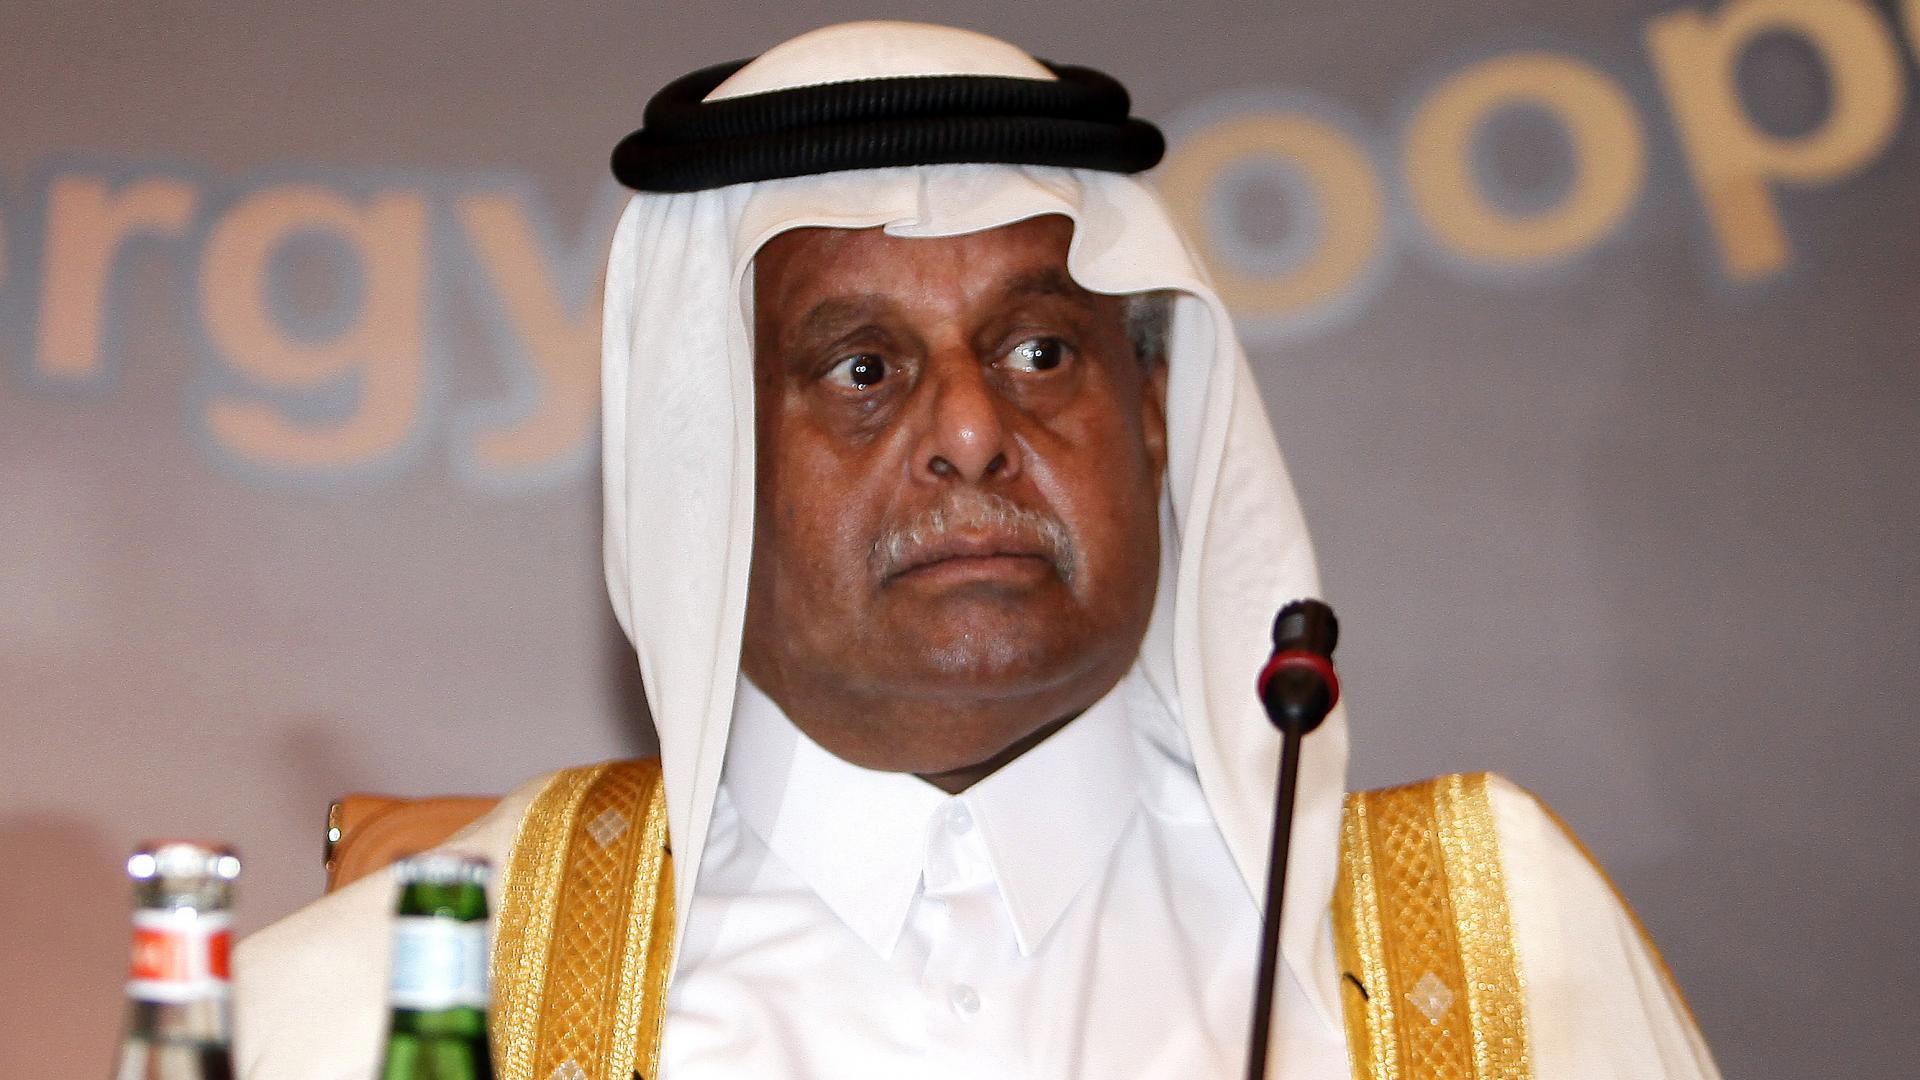 """وزير الطاقة القطري السابق يثير ضجة بتصريحاته عن """"مؤامرة غزو قطر"""" من أجل الغاز"""